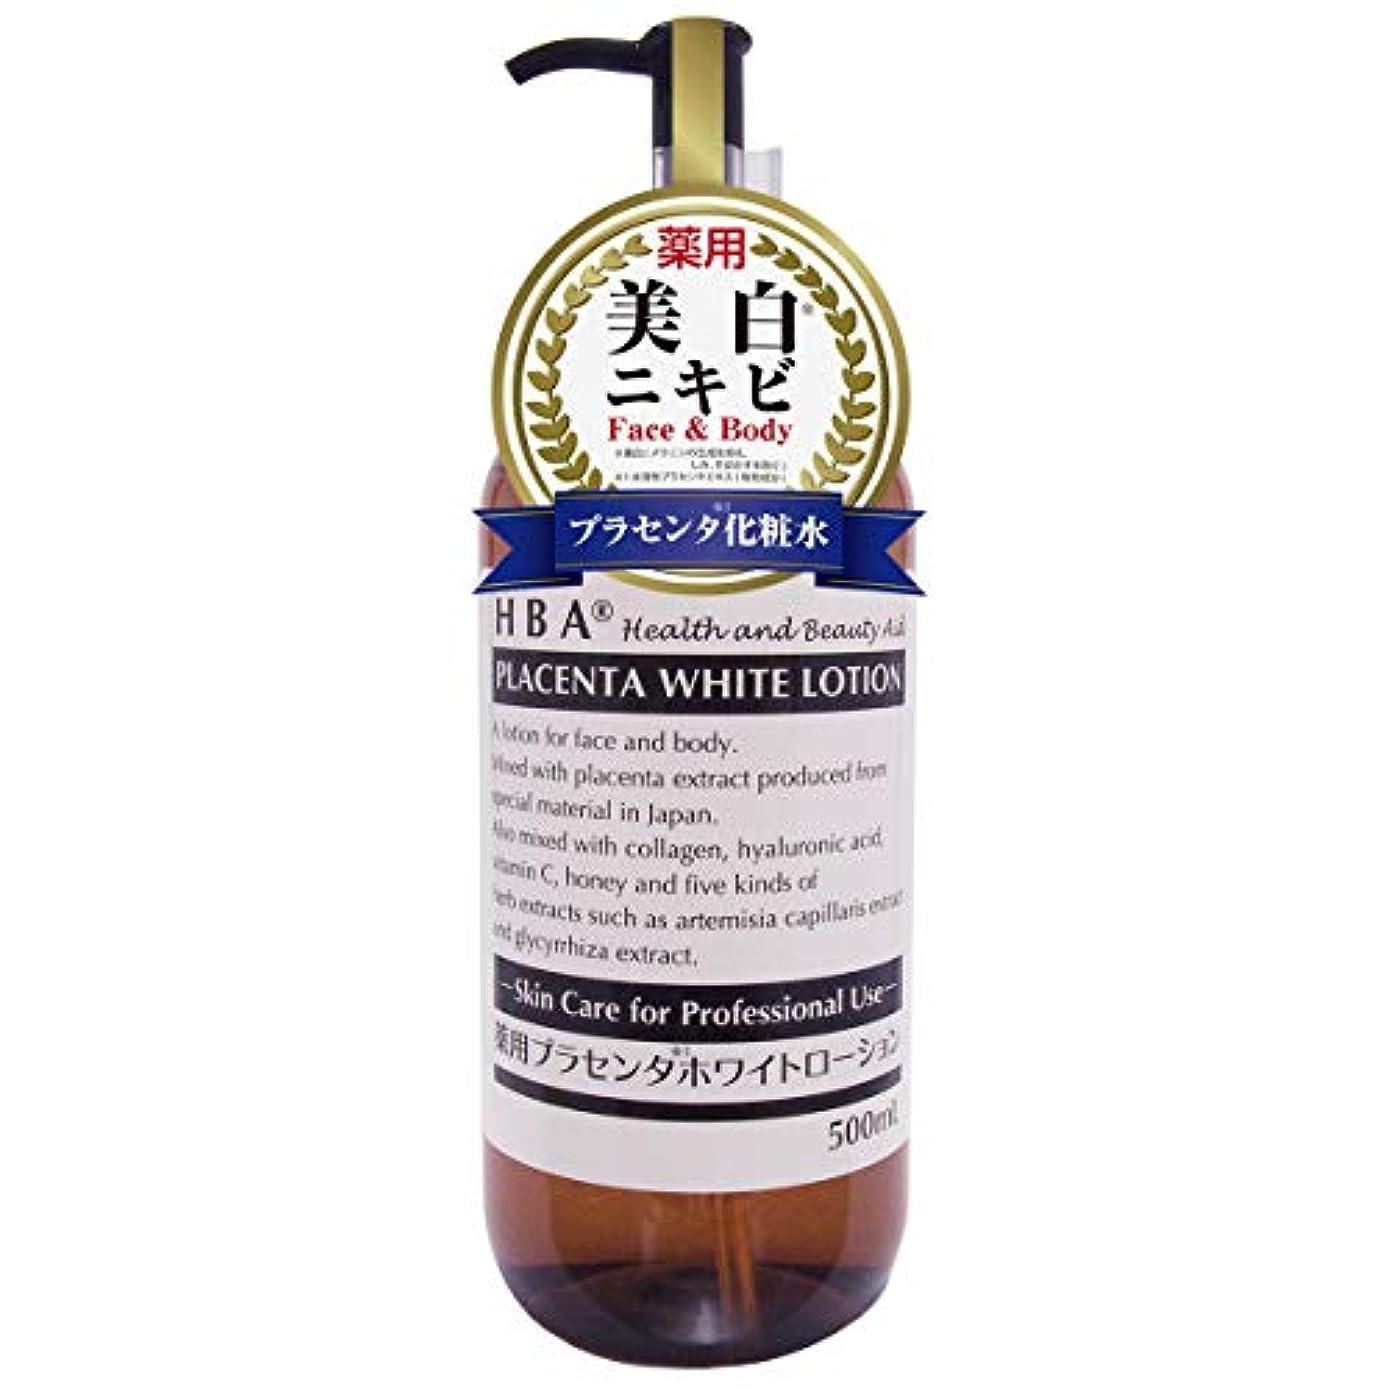 HBA 薬用プラセンタ ホワイトローション (500mL)